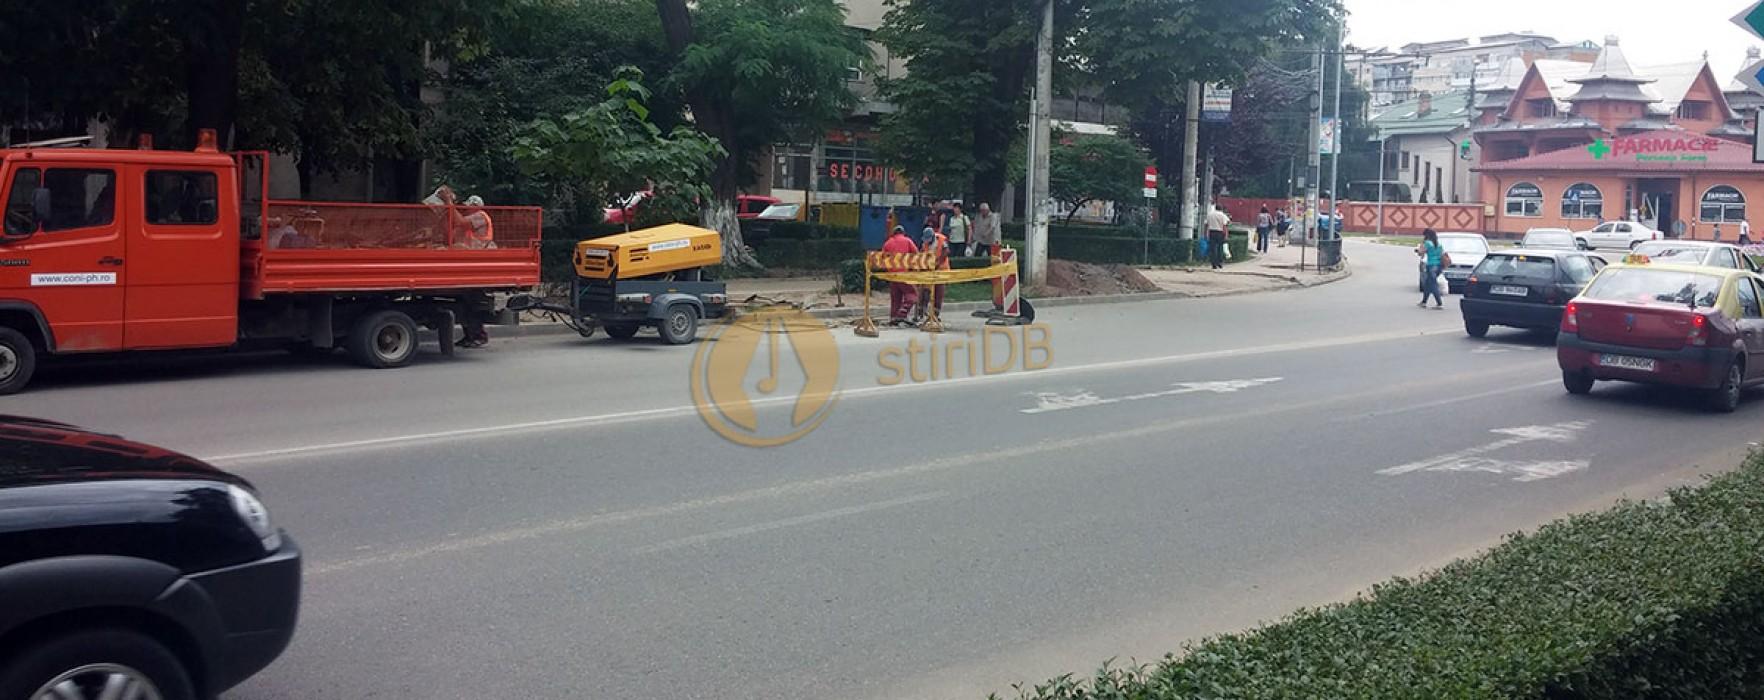 Târgovişte: Bulevardul Brătianu, spart a doua oară după ce a fost asfaltat în cadrul PIDU